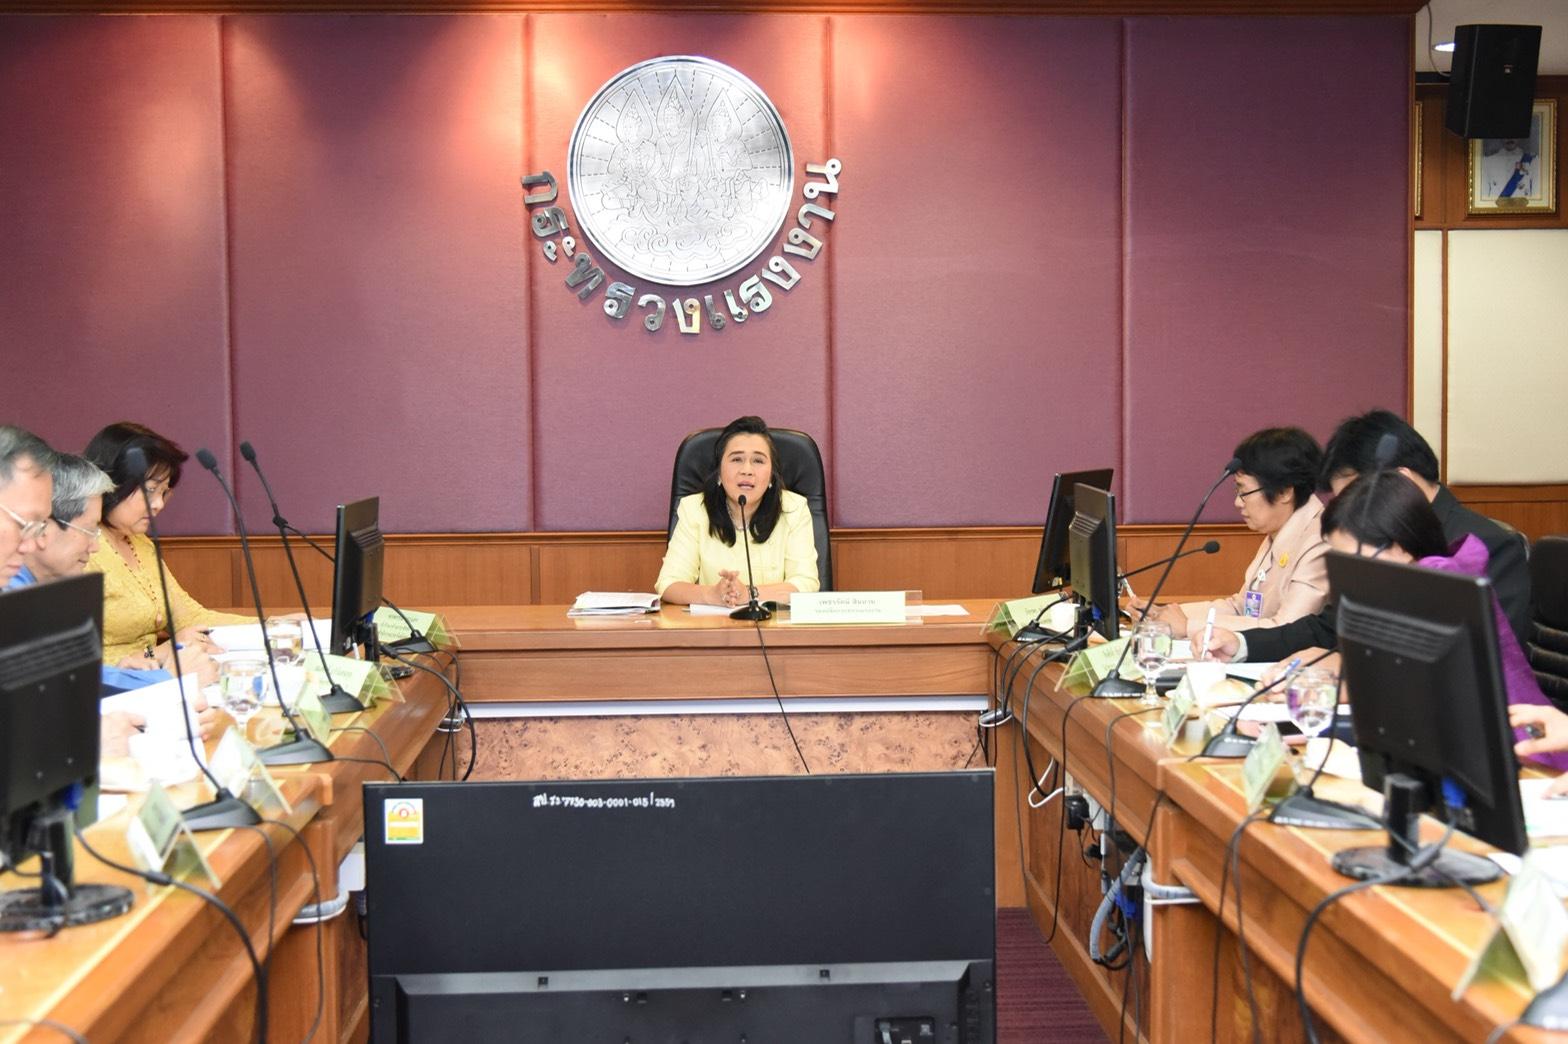 การประชุมคณะกรรมการกำกับ ดูแล และติดตามการดำเนินการศูนย์บริการร่วมกระทรวงแรงงาน ครั้งที่ 2/2561